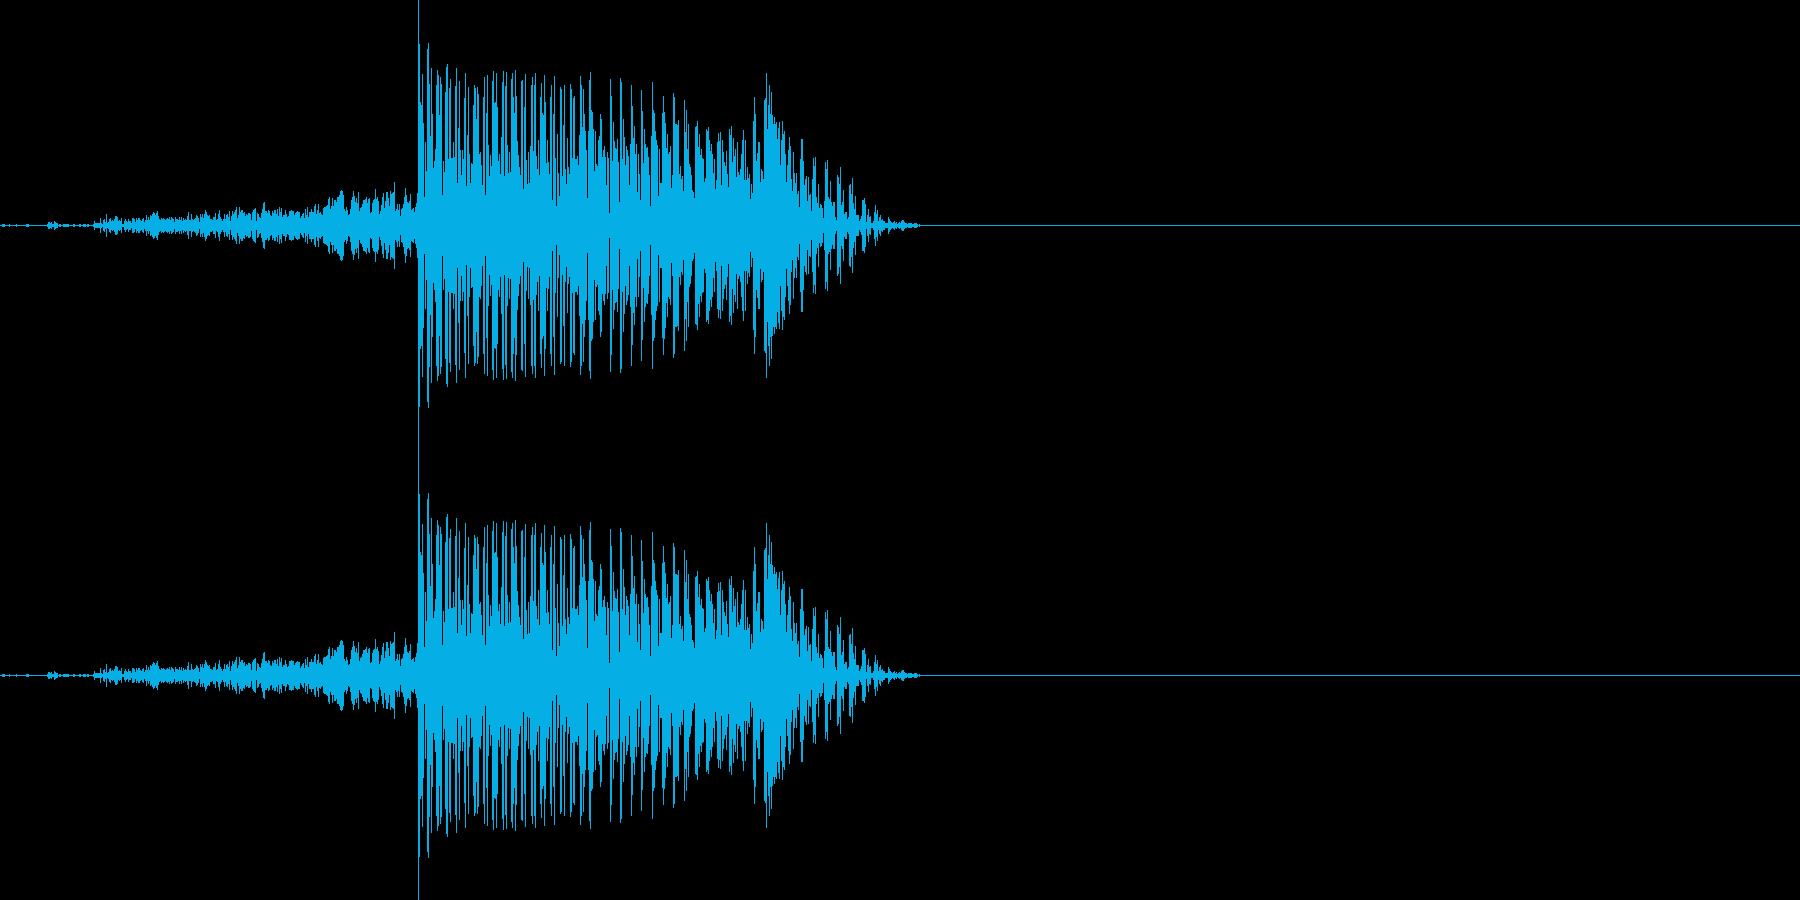 ロボット AI アンドロイド声「hi」の再生済みの波形